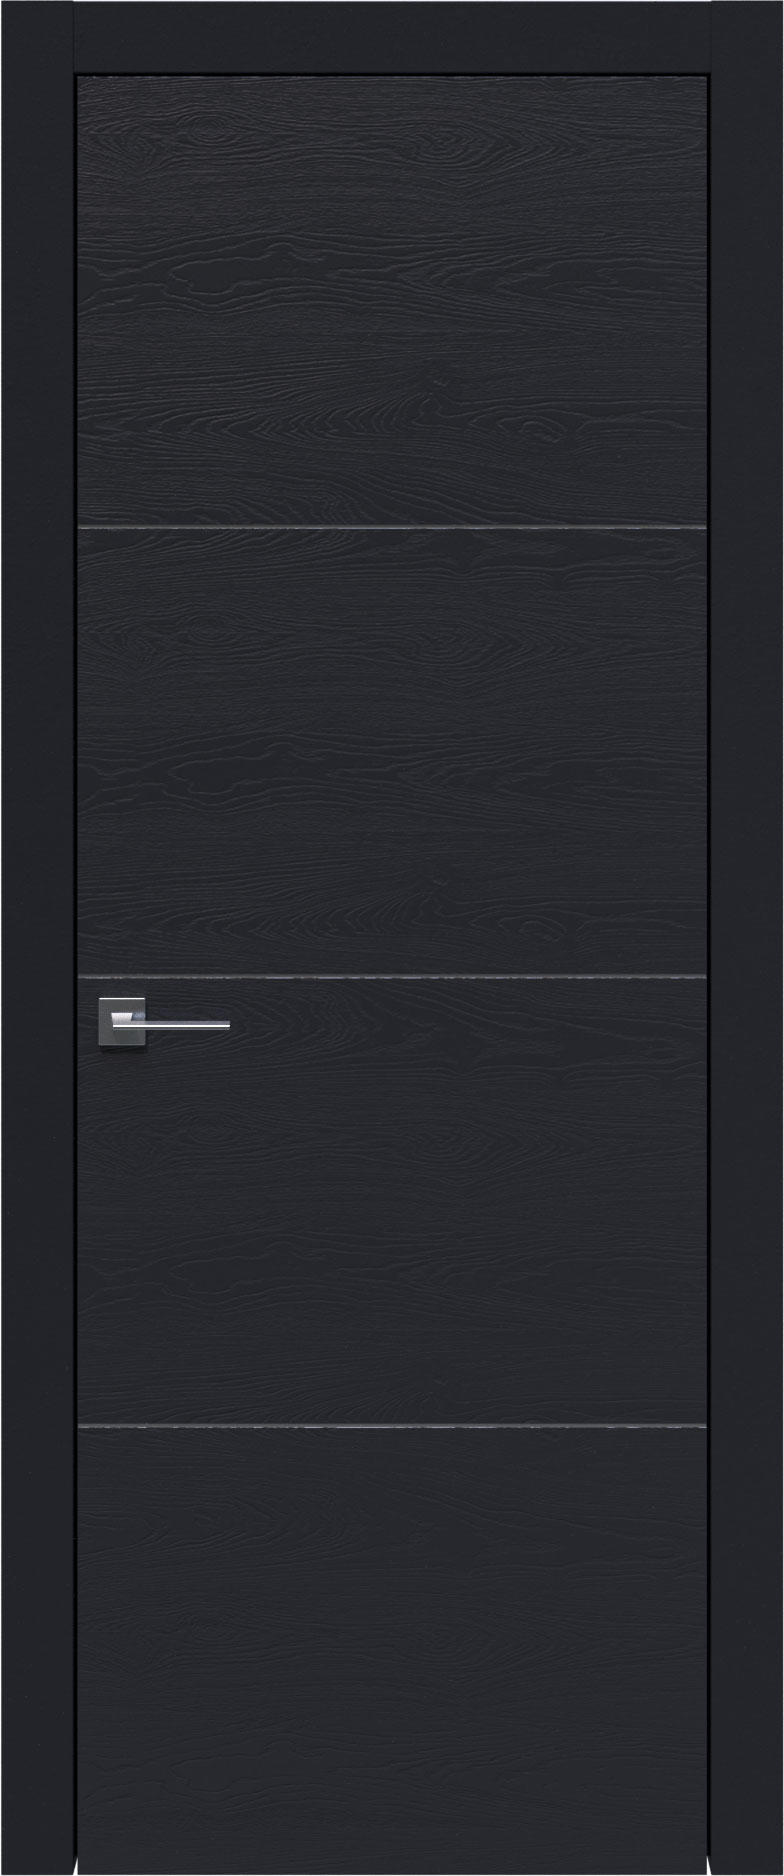 Tivoli Г-2 цвет - Черная эмаль по шпону (RAL 9004) Без стекла (ДГ)